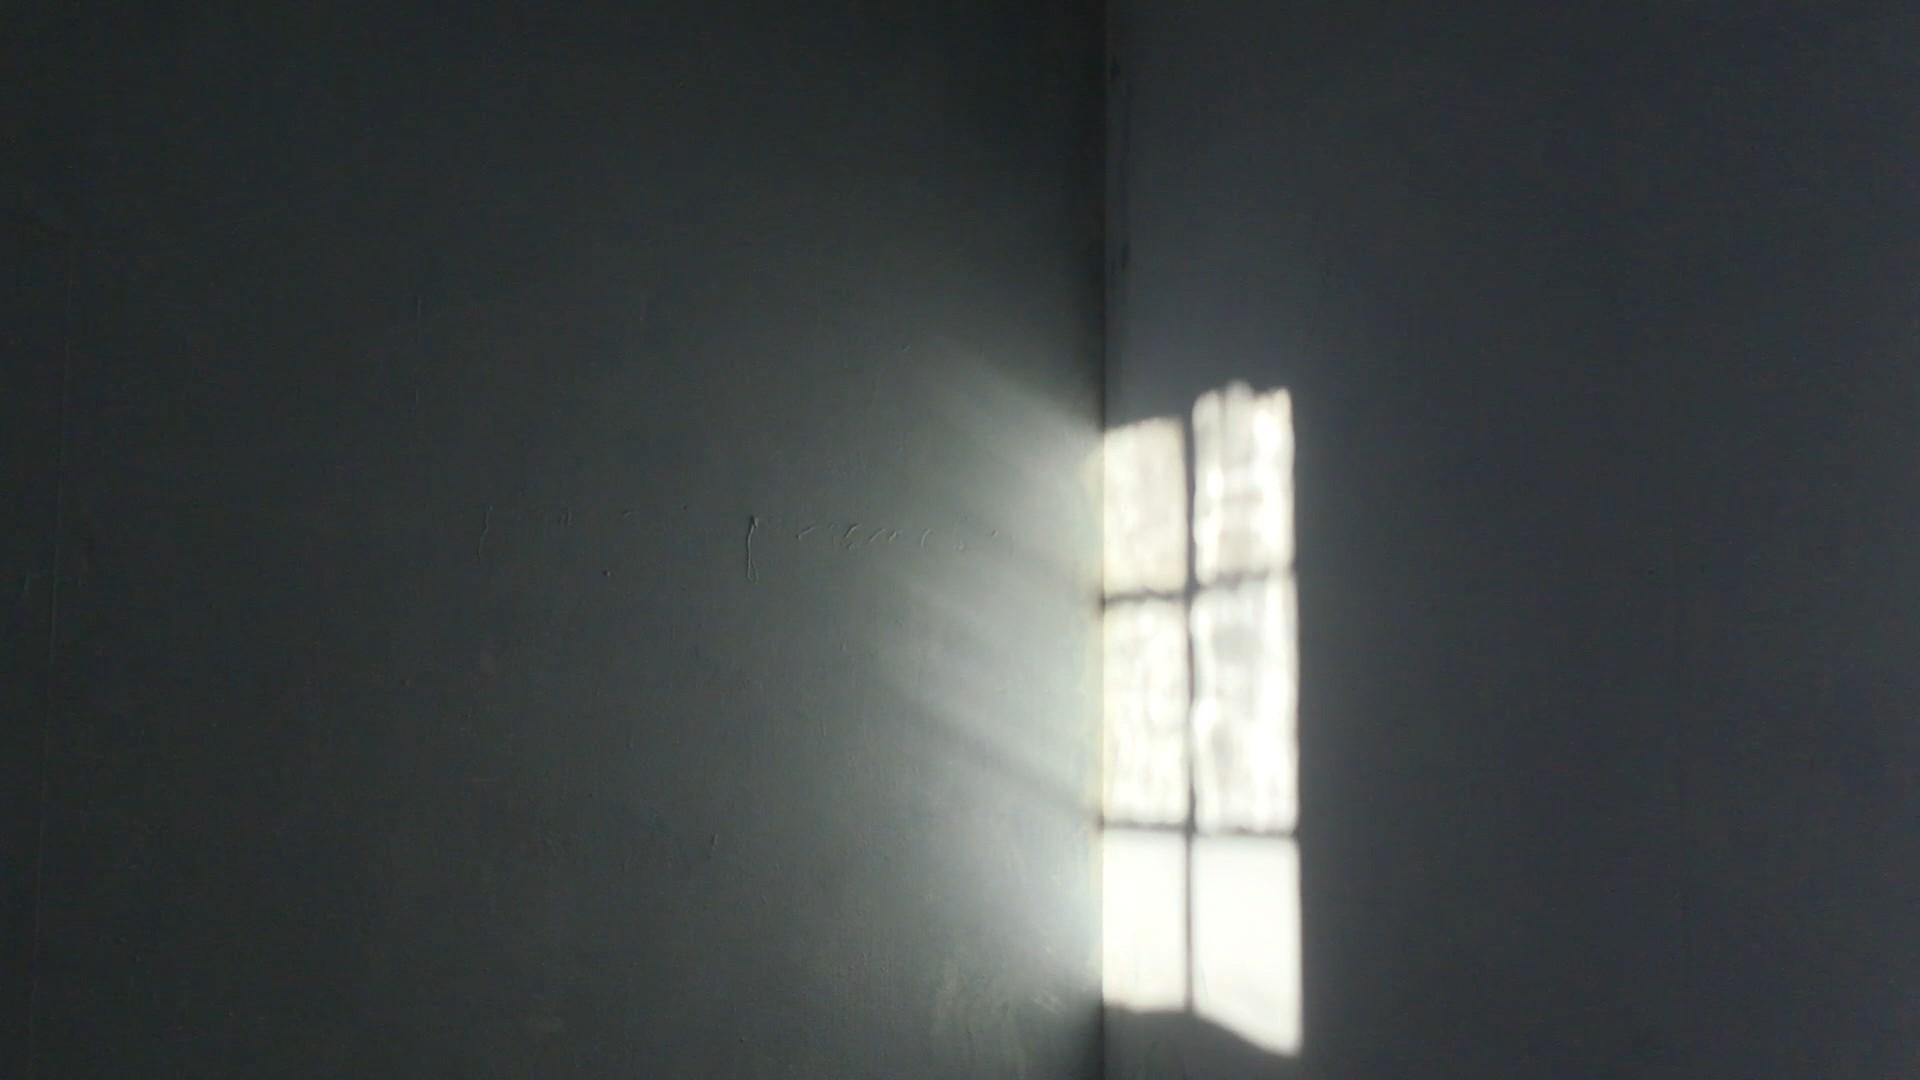 shadows hold their breath